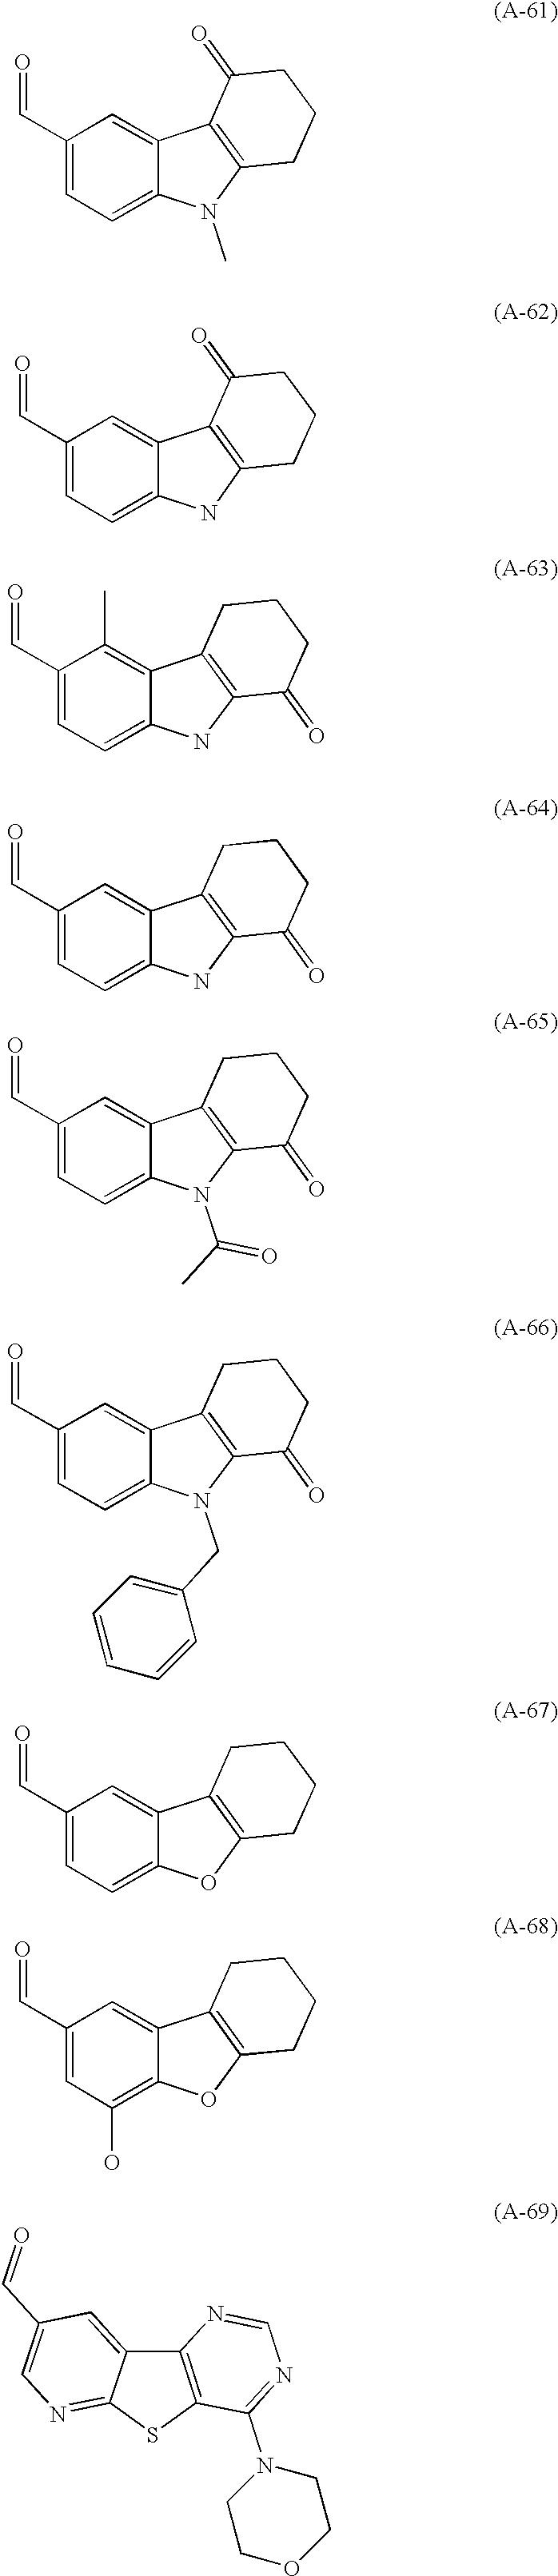 Figure US20030203901A1-20031030-C00026